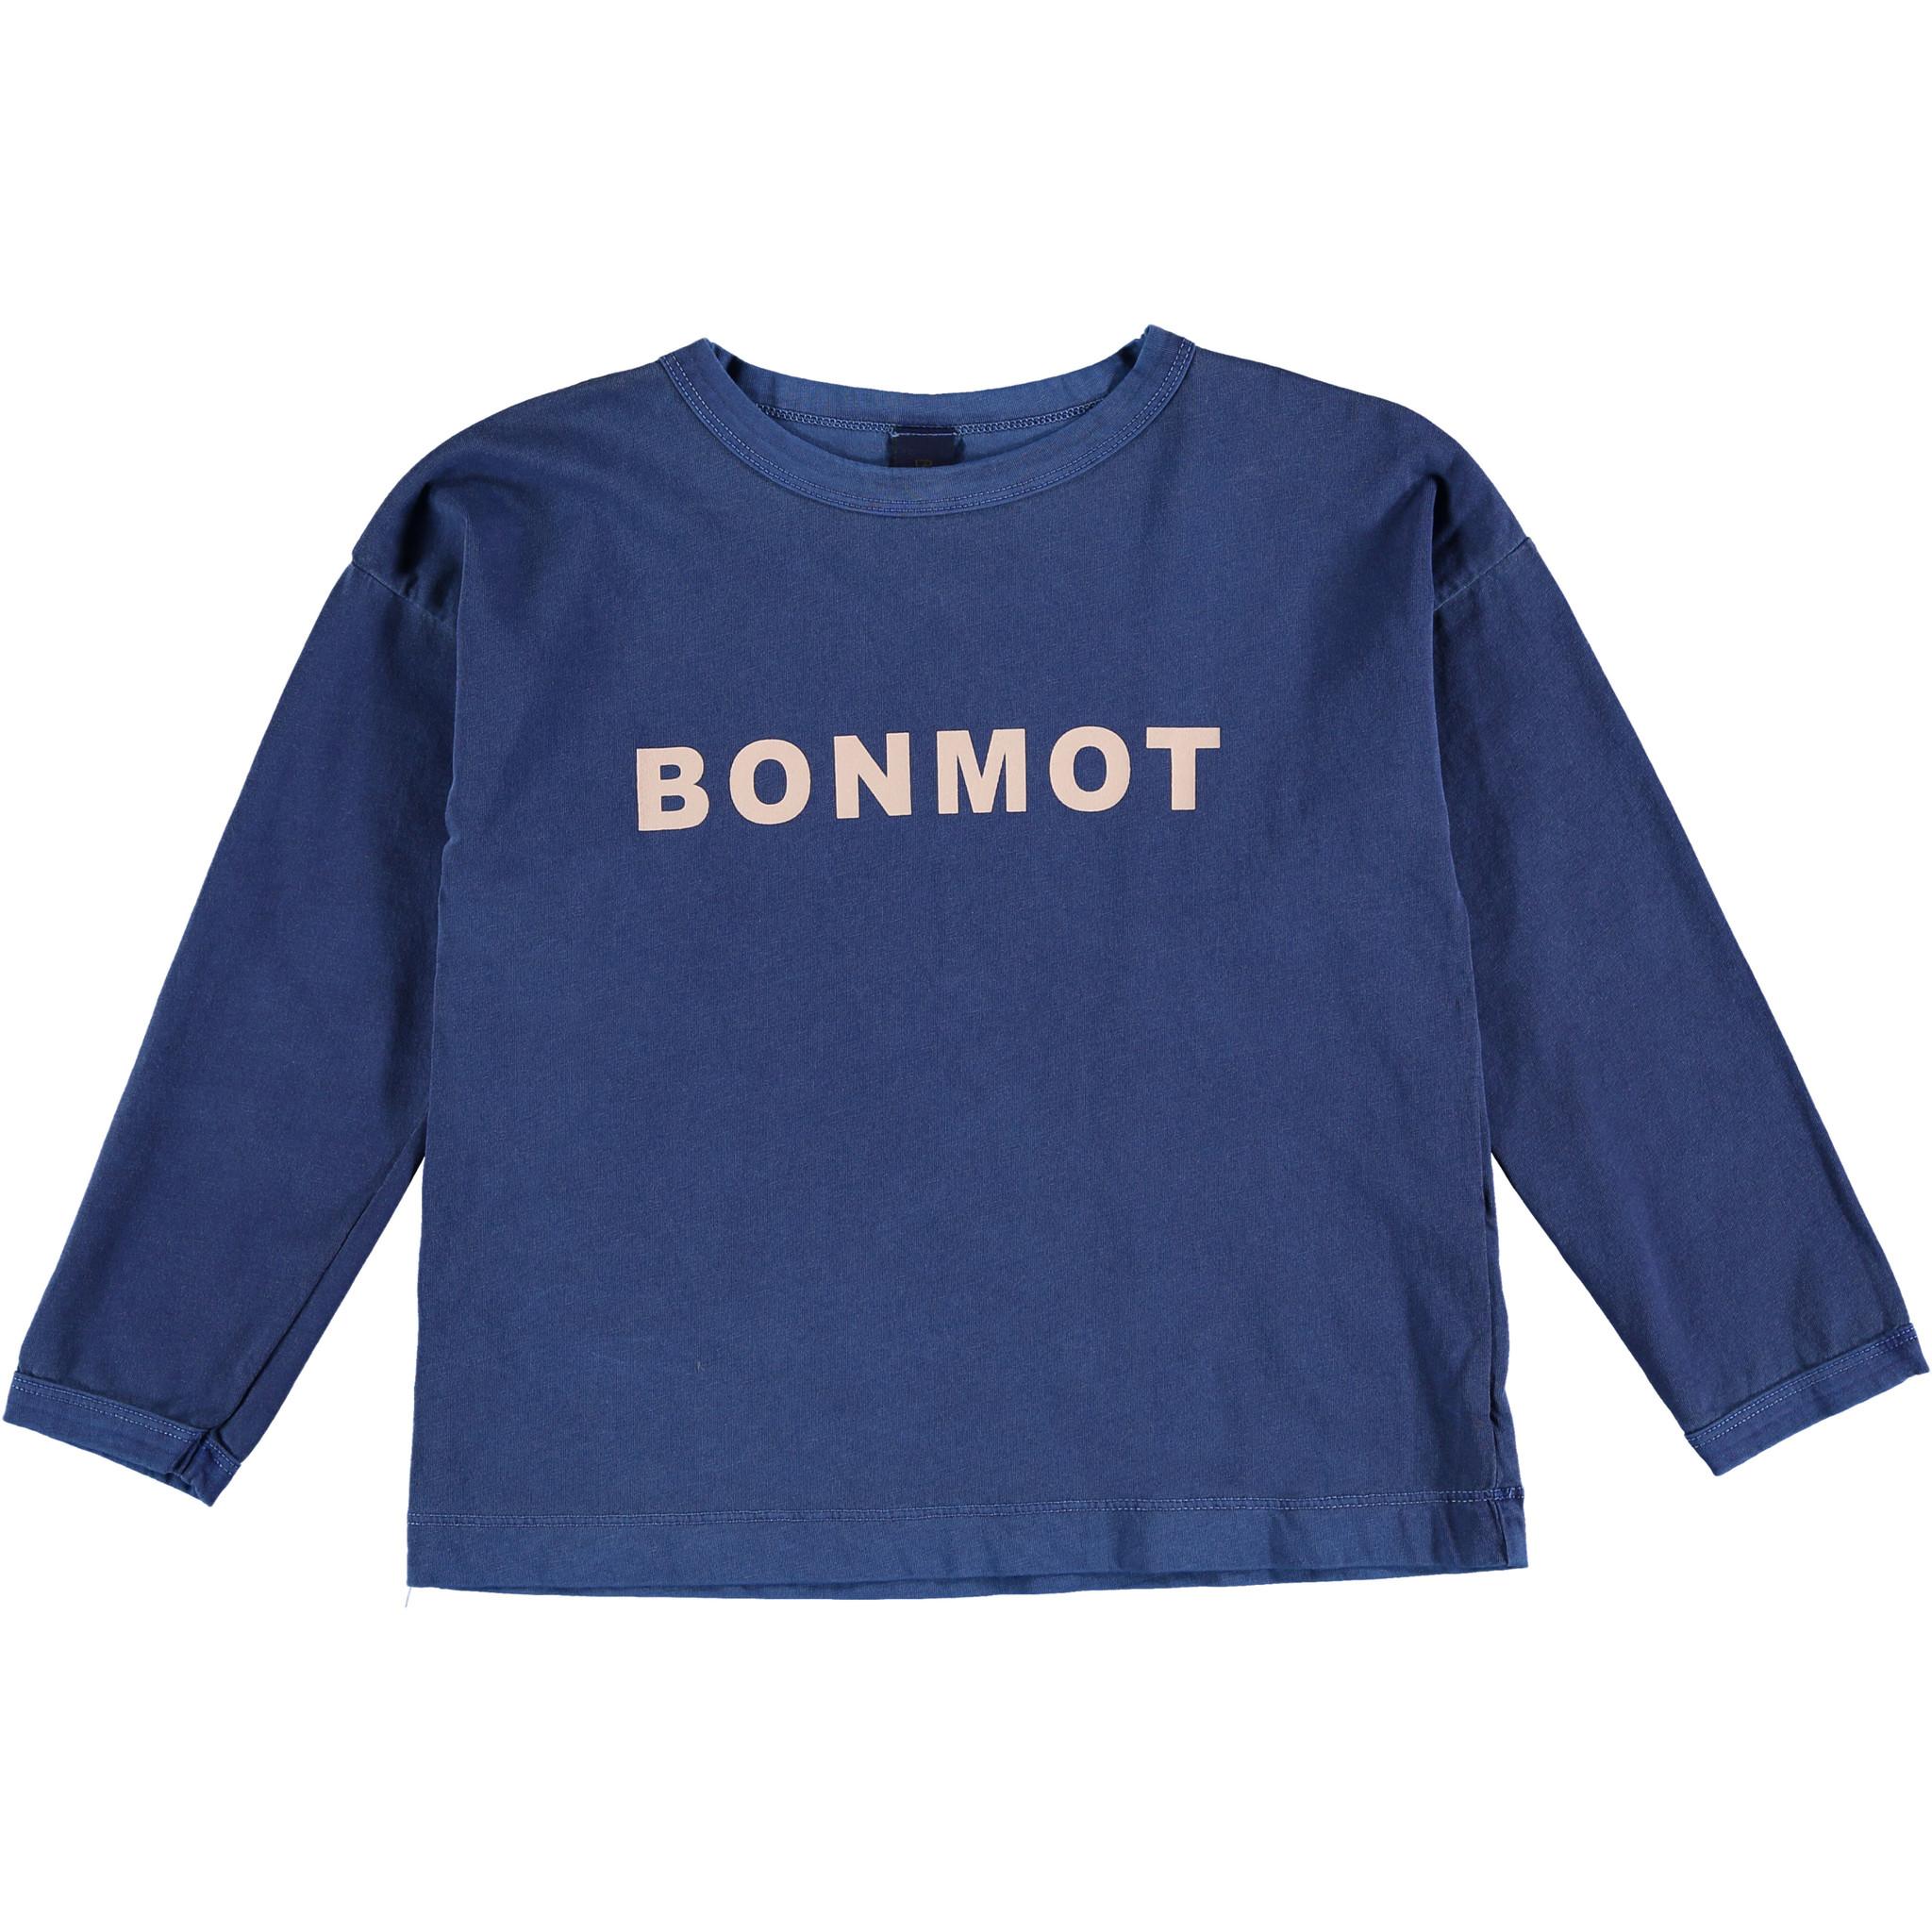 T-shirt longsleeve - Bonmot Sea Blue-1